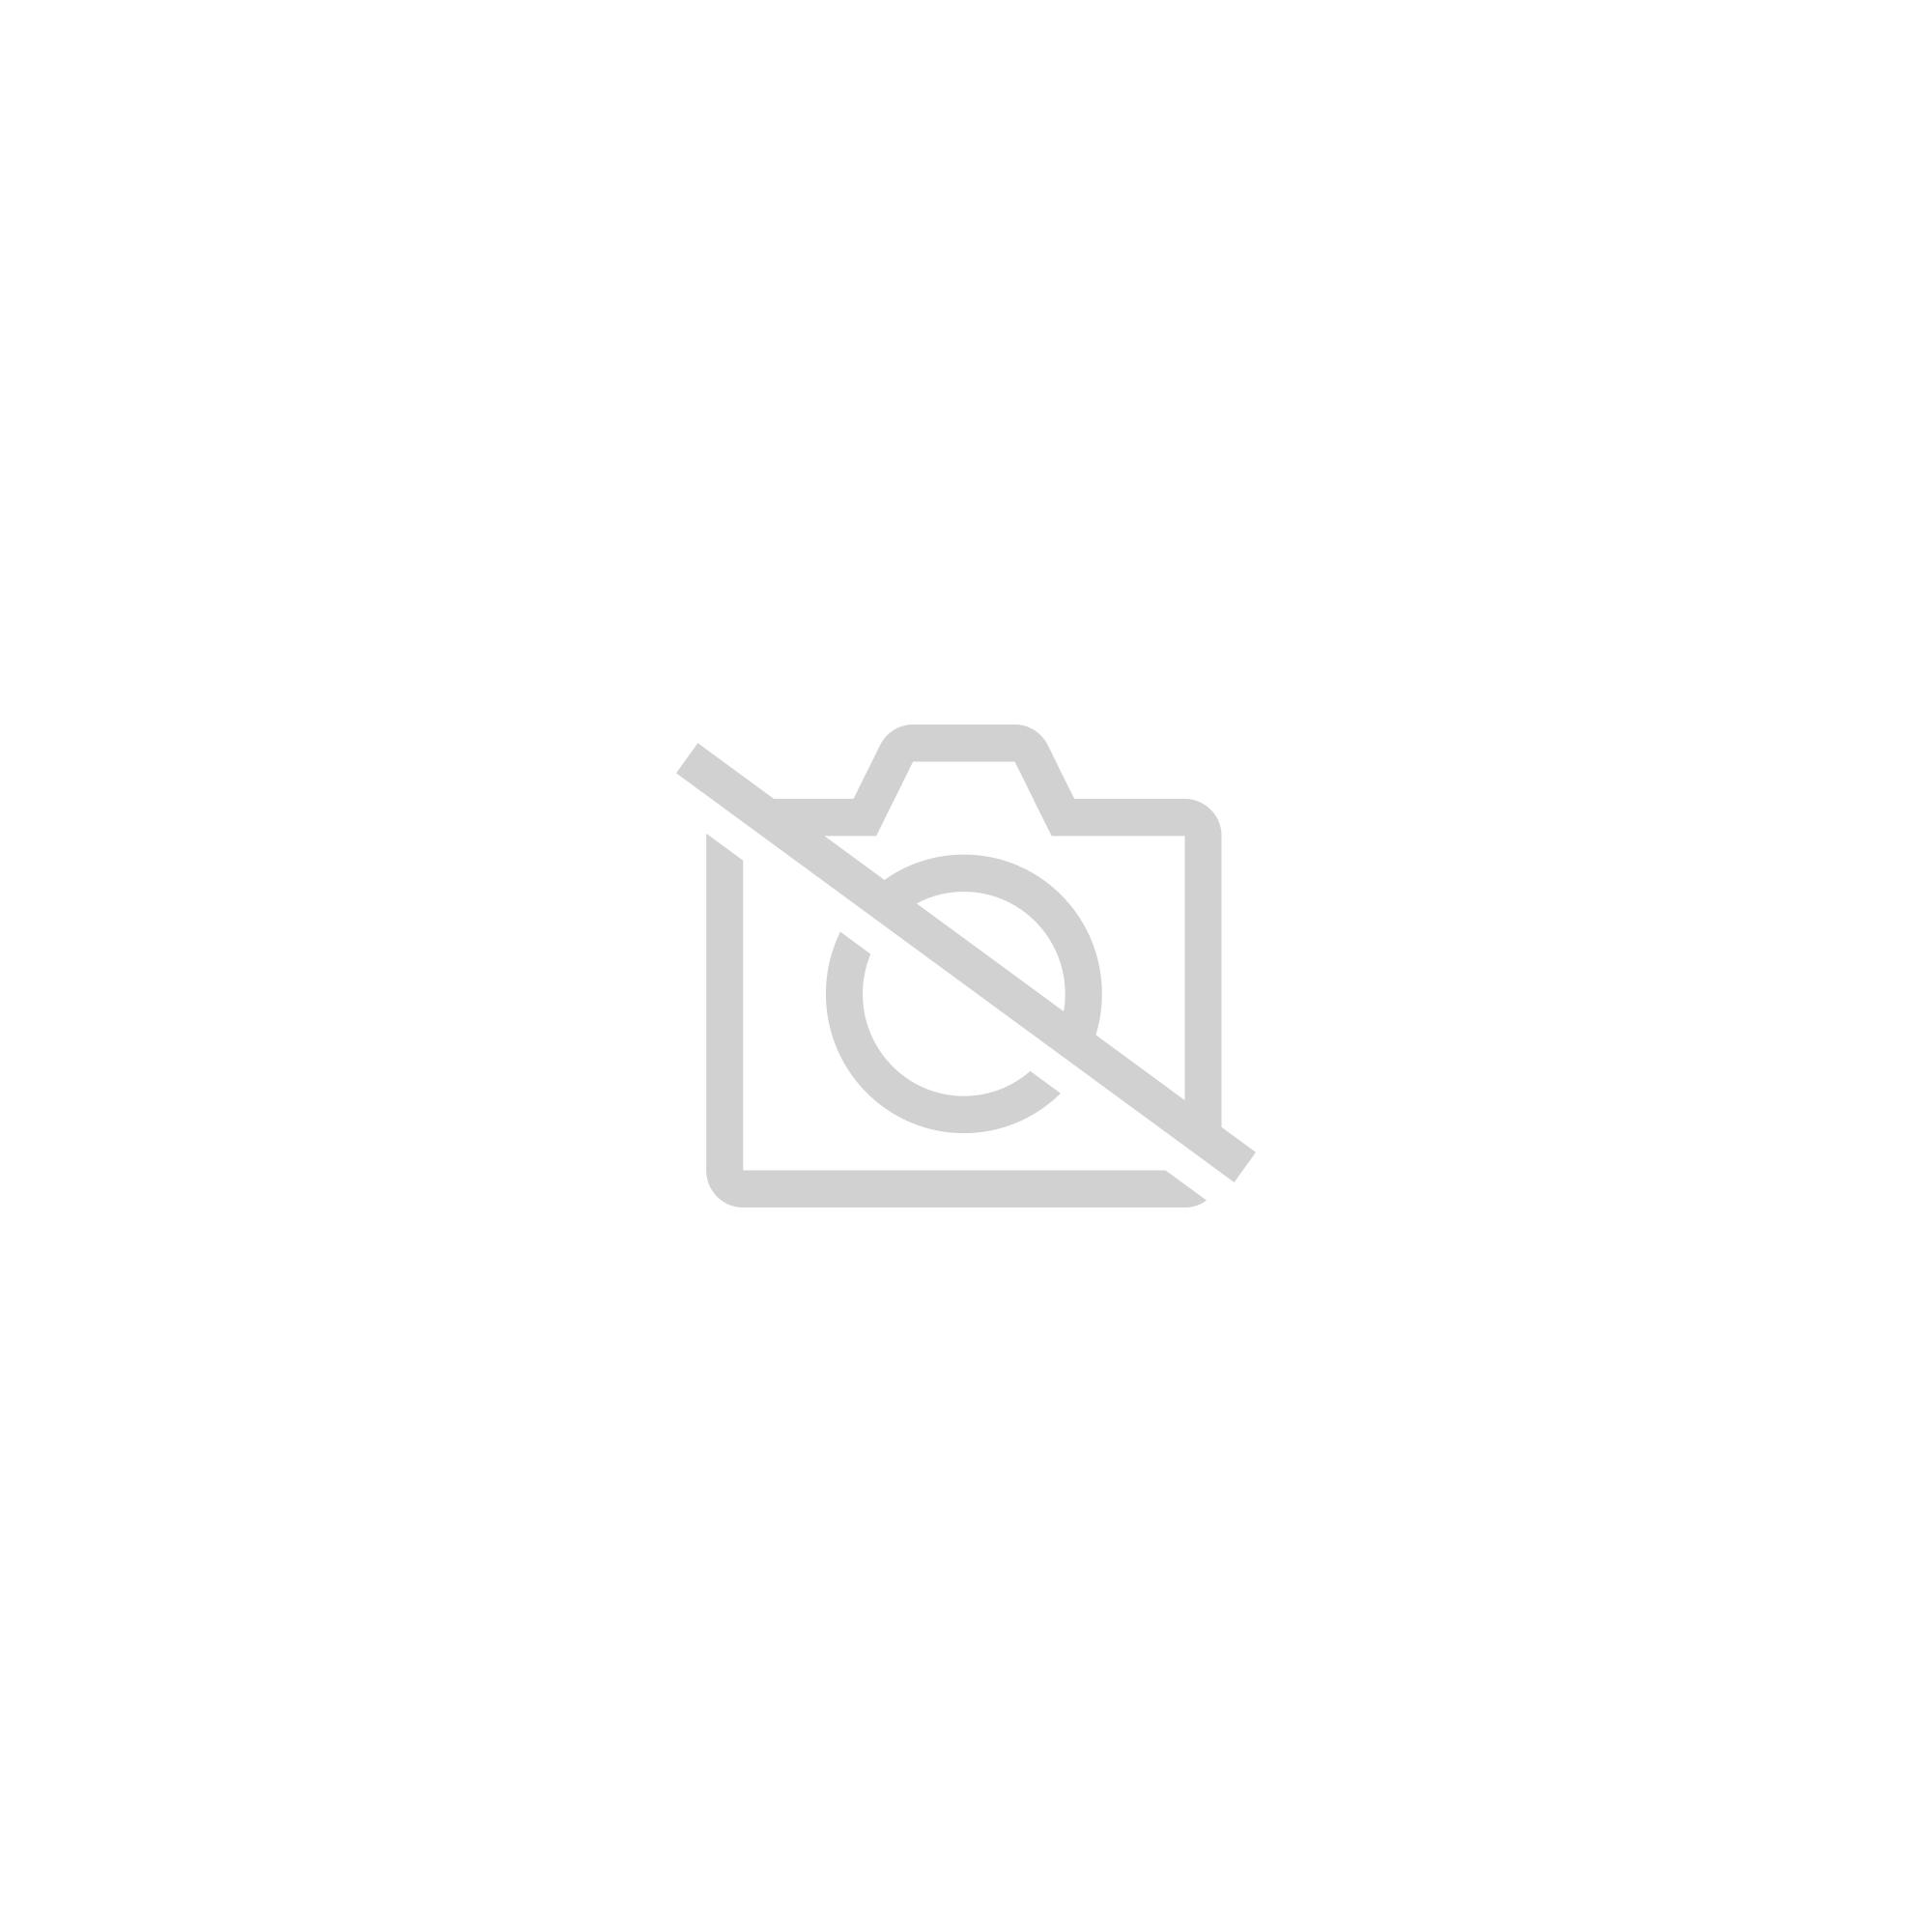 Lot De 10 Bd Les Defenseurs Chez Artima Color - N� 2 � 11 Inclus : Chaos - Pour La D�fense Du Royaume - L'ennemi Invisible - Bataille De Rois - Proc�s Pour 2 D�fenseurs - Mandrill Ctre-Attaque ..